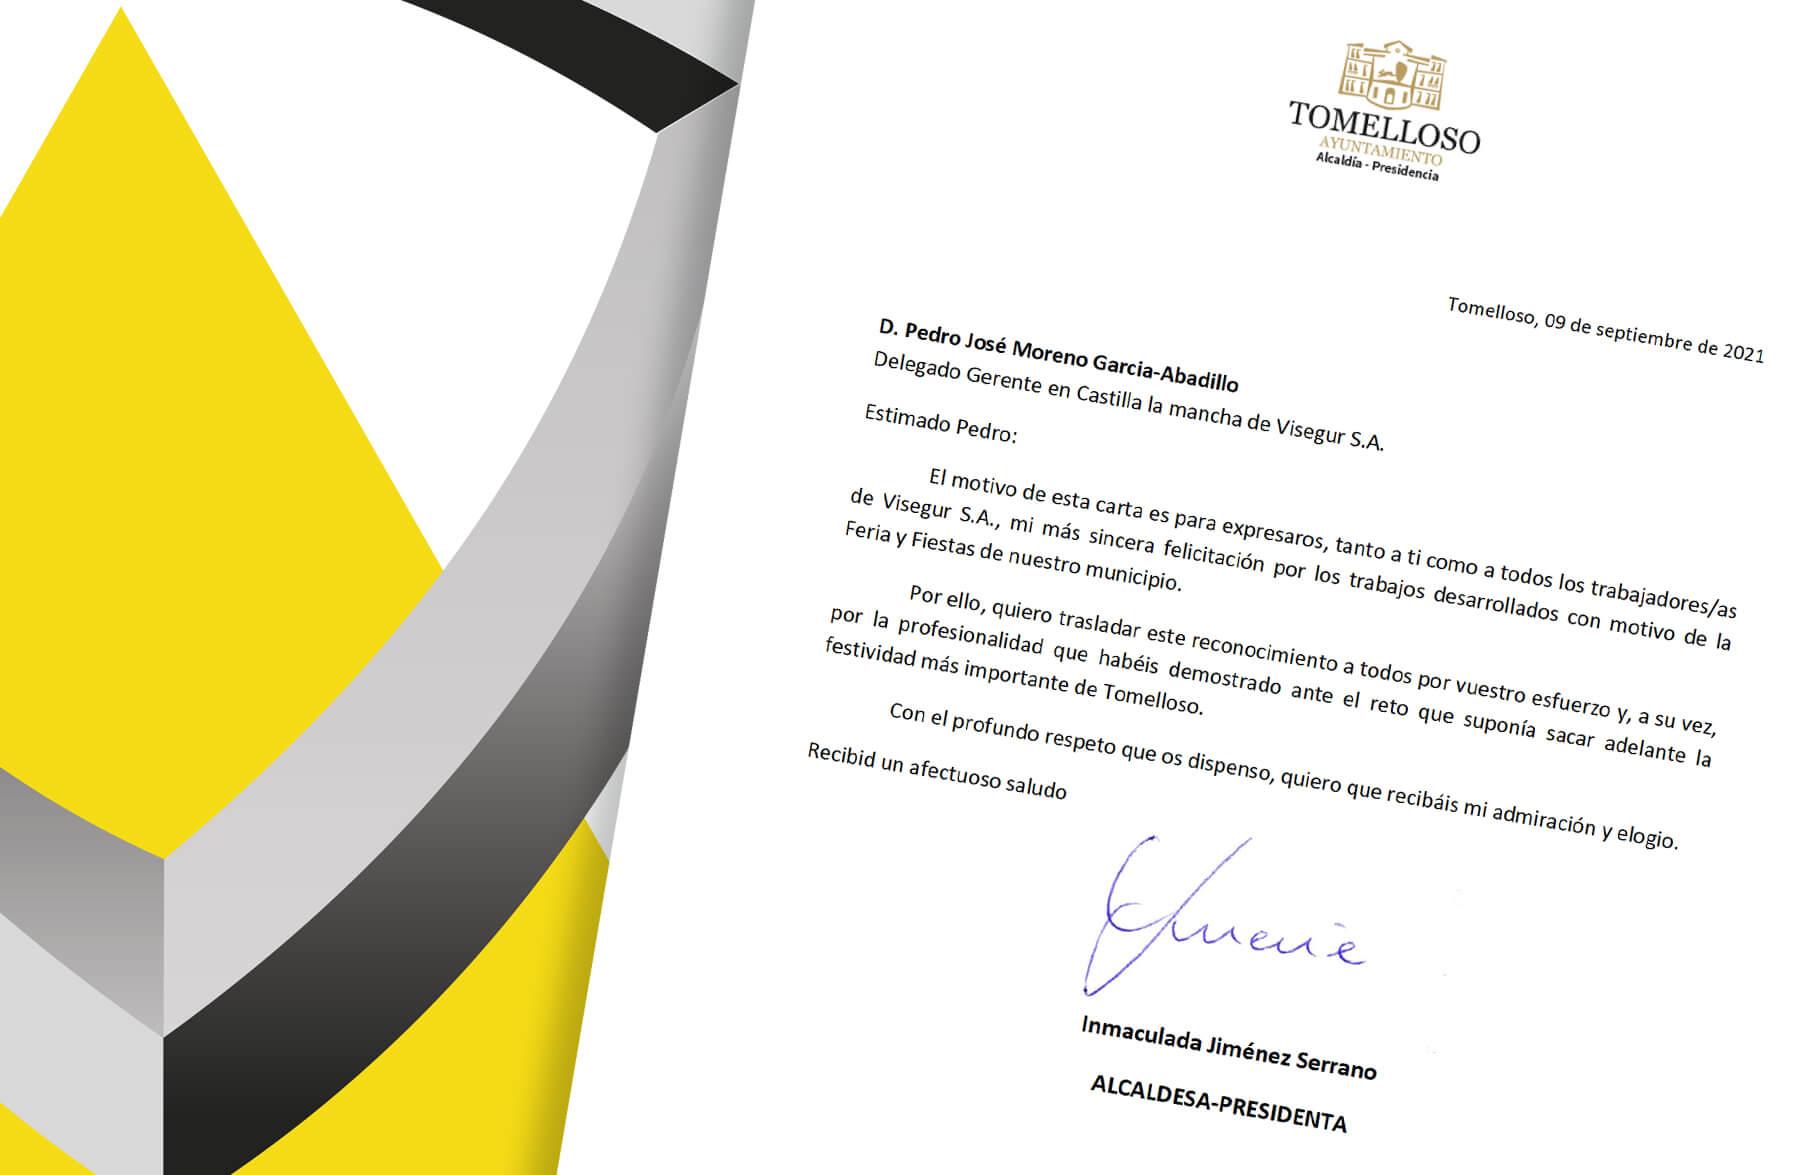 El Ayuntamiento de Tomelloso reconoce la labor de Visegur durante las recientes fiestas del municipio